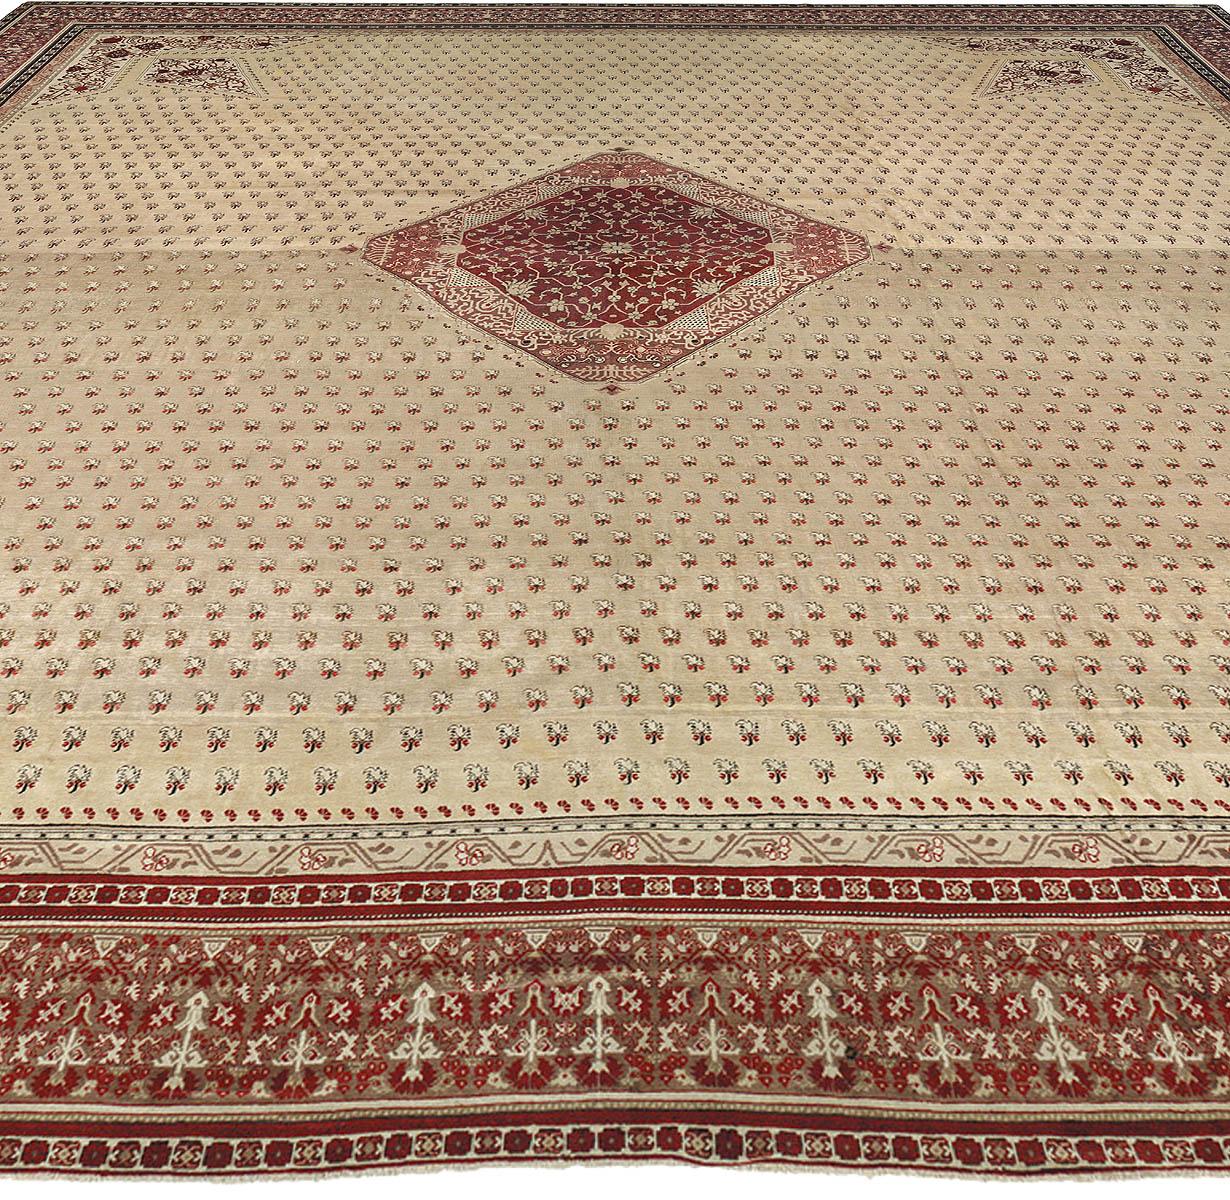 Oversized Antique Turkish Hereke Carpet BB1632